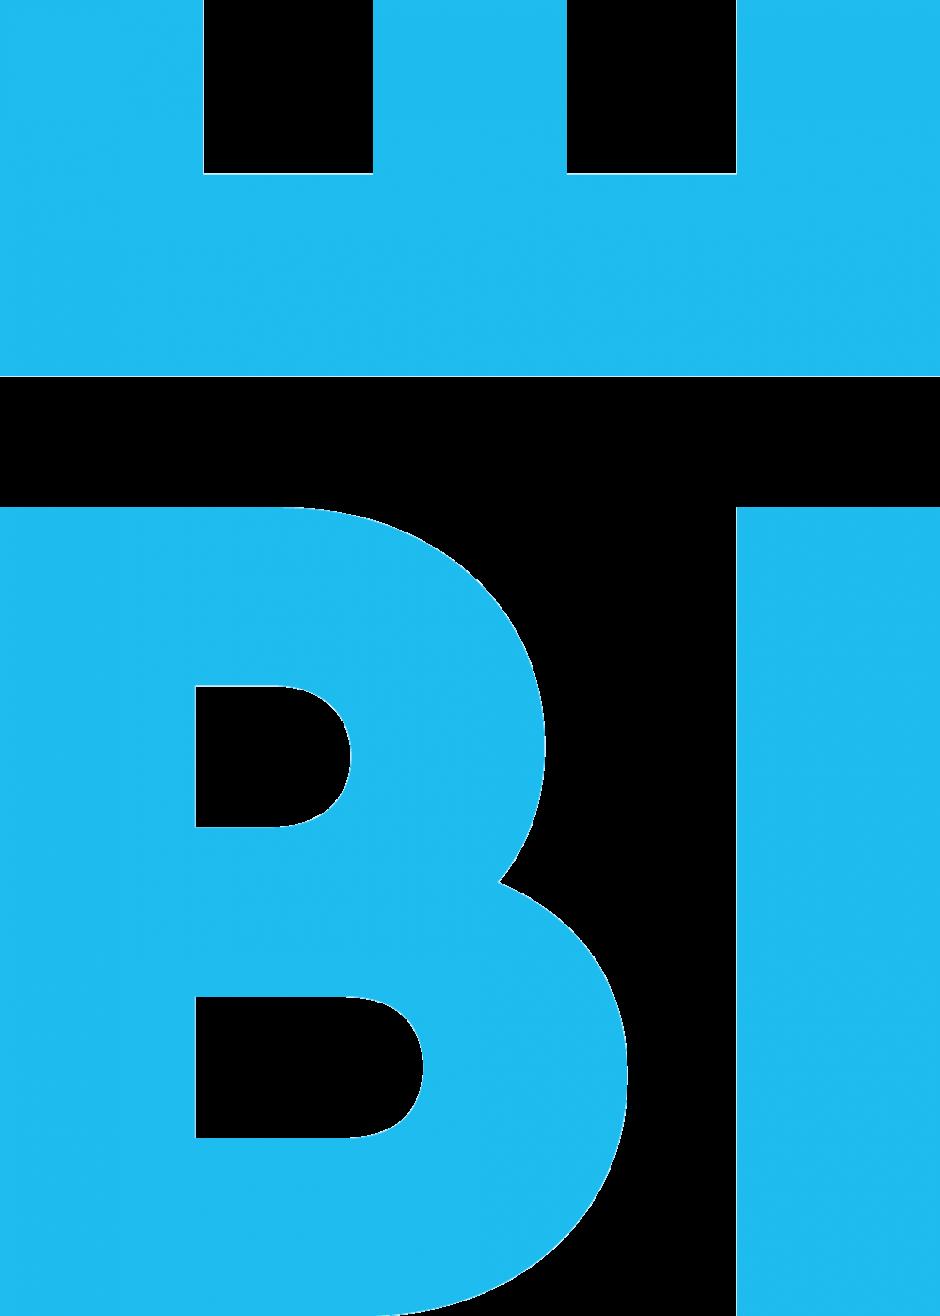 Logovariante hellblau